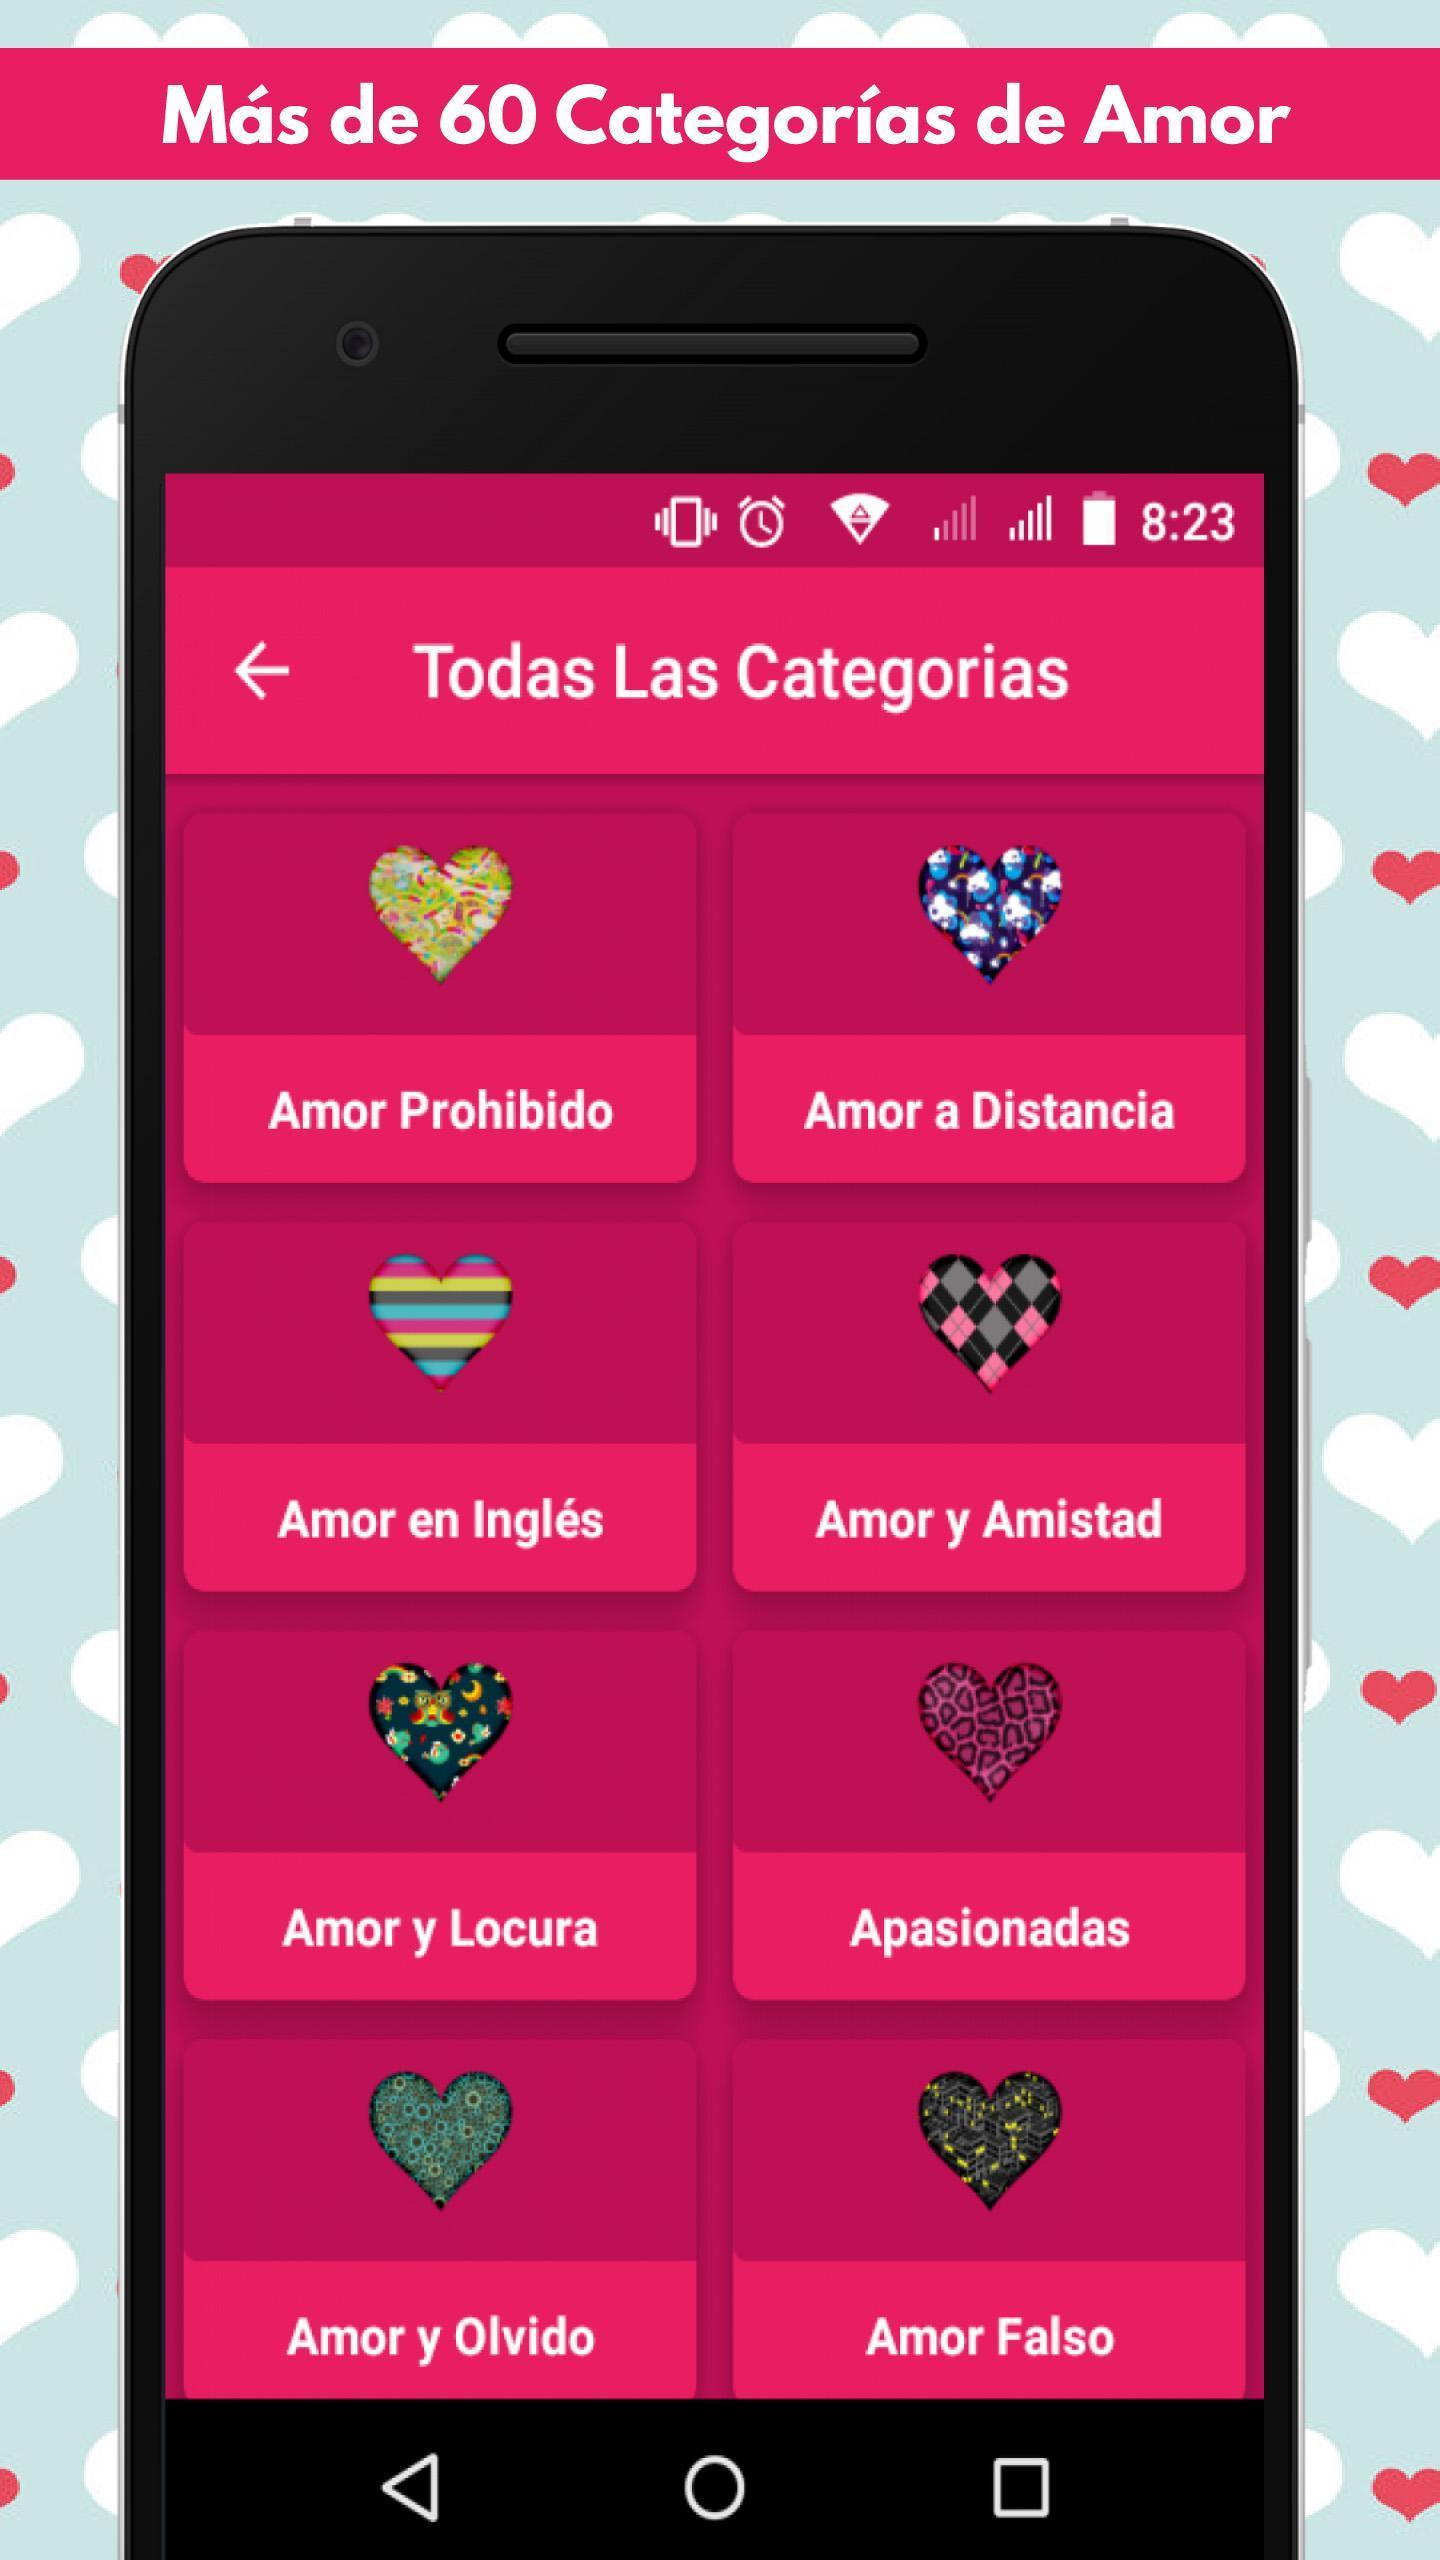 Frases De Amor En Redes Sociales For Android Apk Download